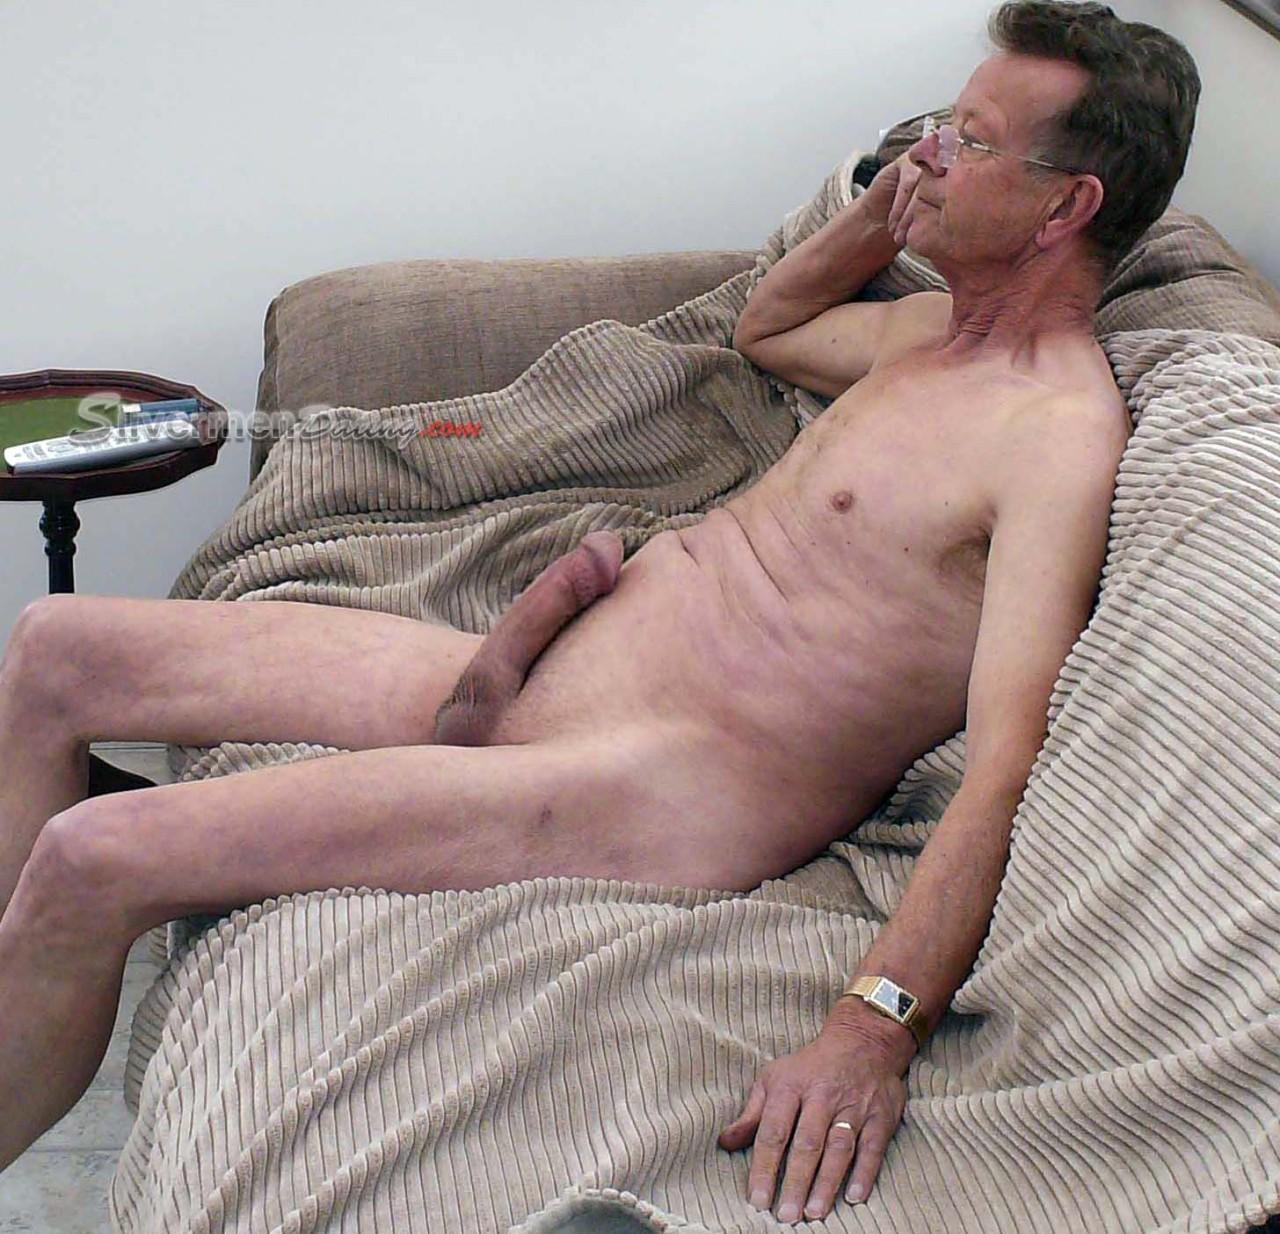 image Men erect in public gay xxx highway bridge